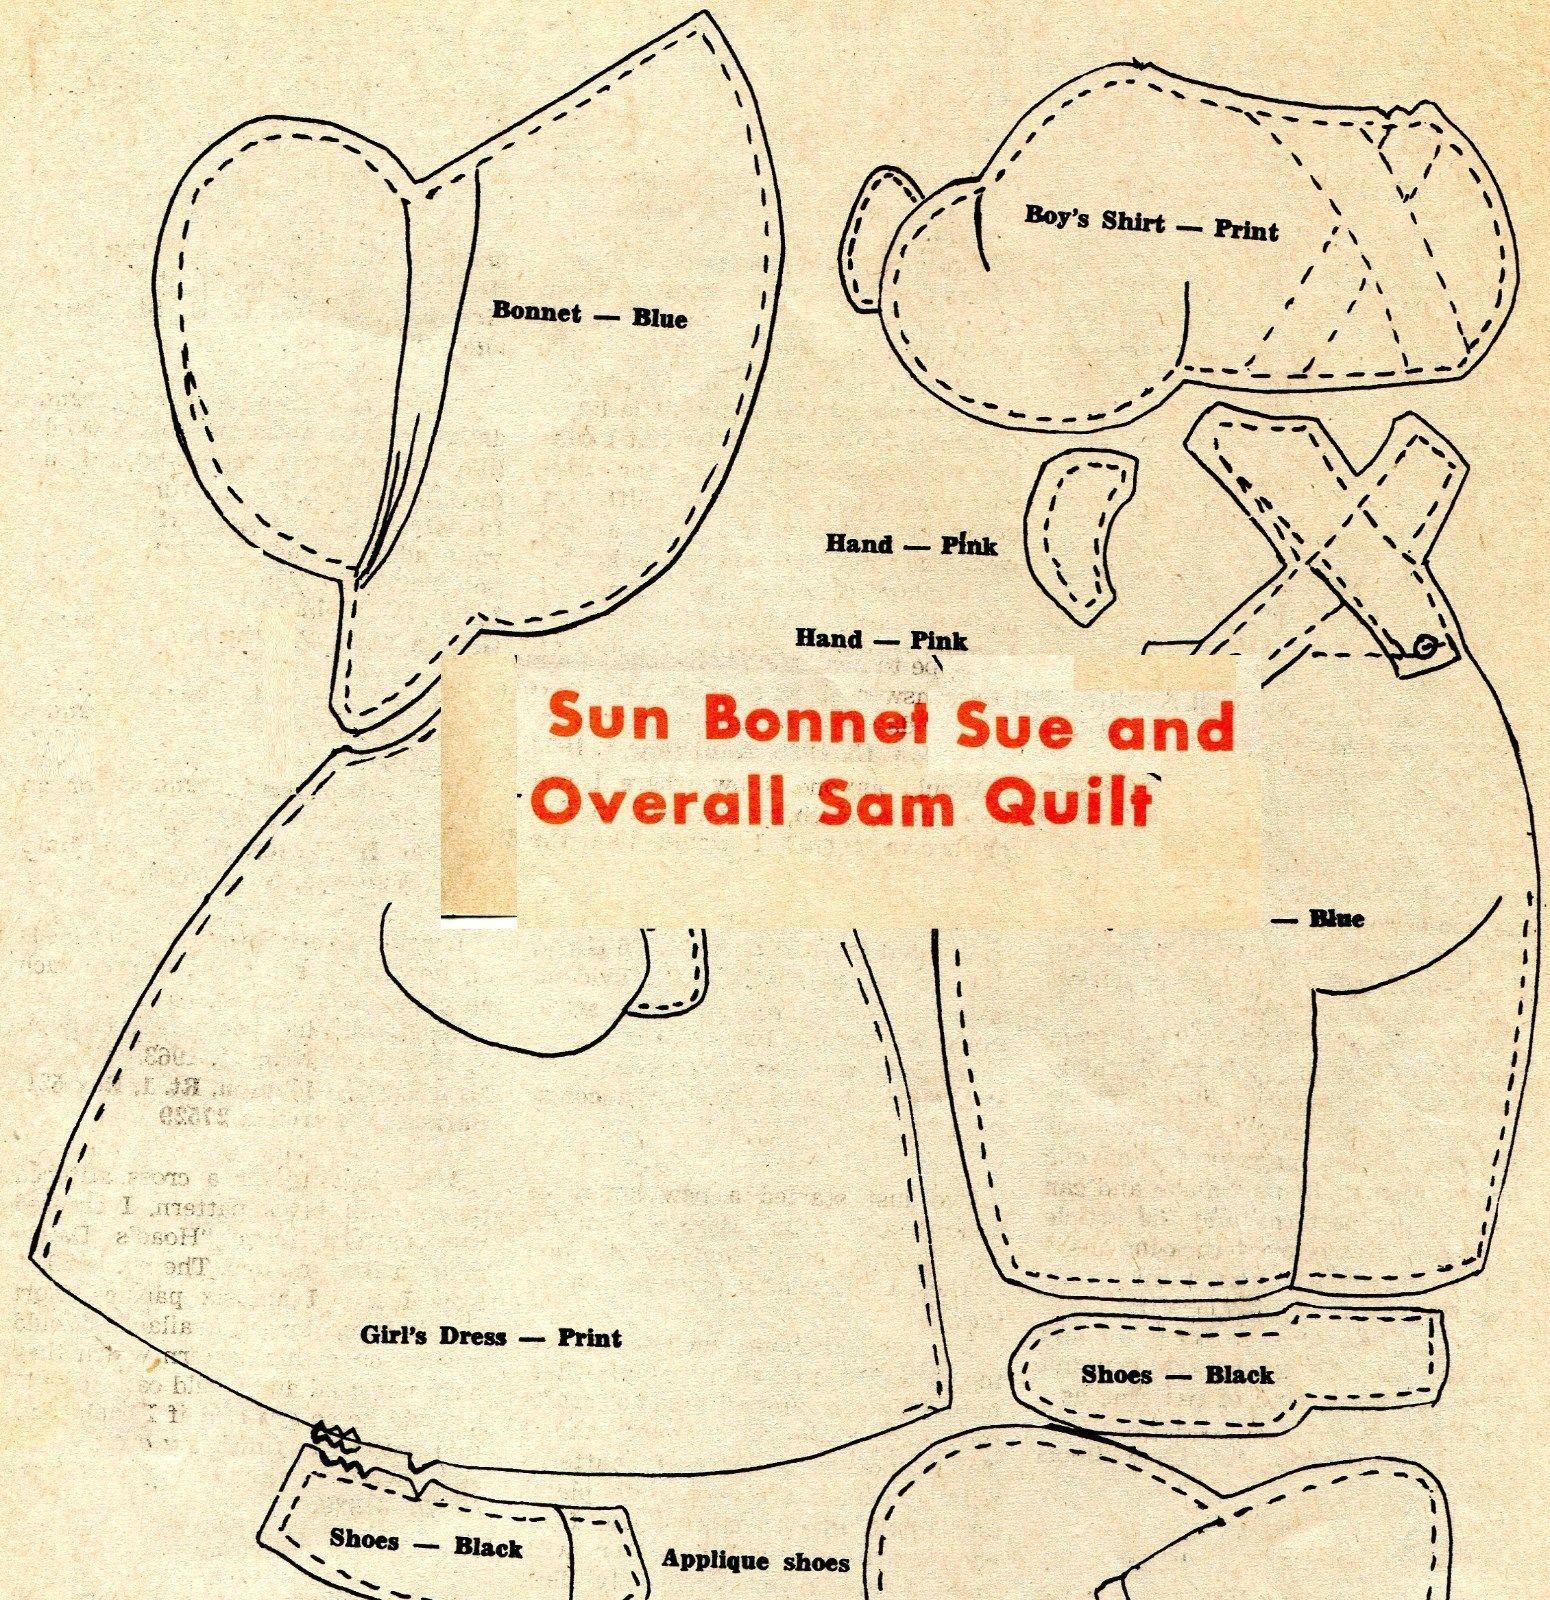 Vintage Sun Bonnet Sue Overall Sam Applique Quilt Pattern